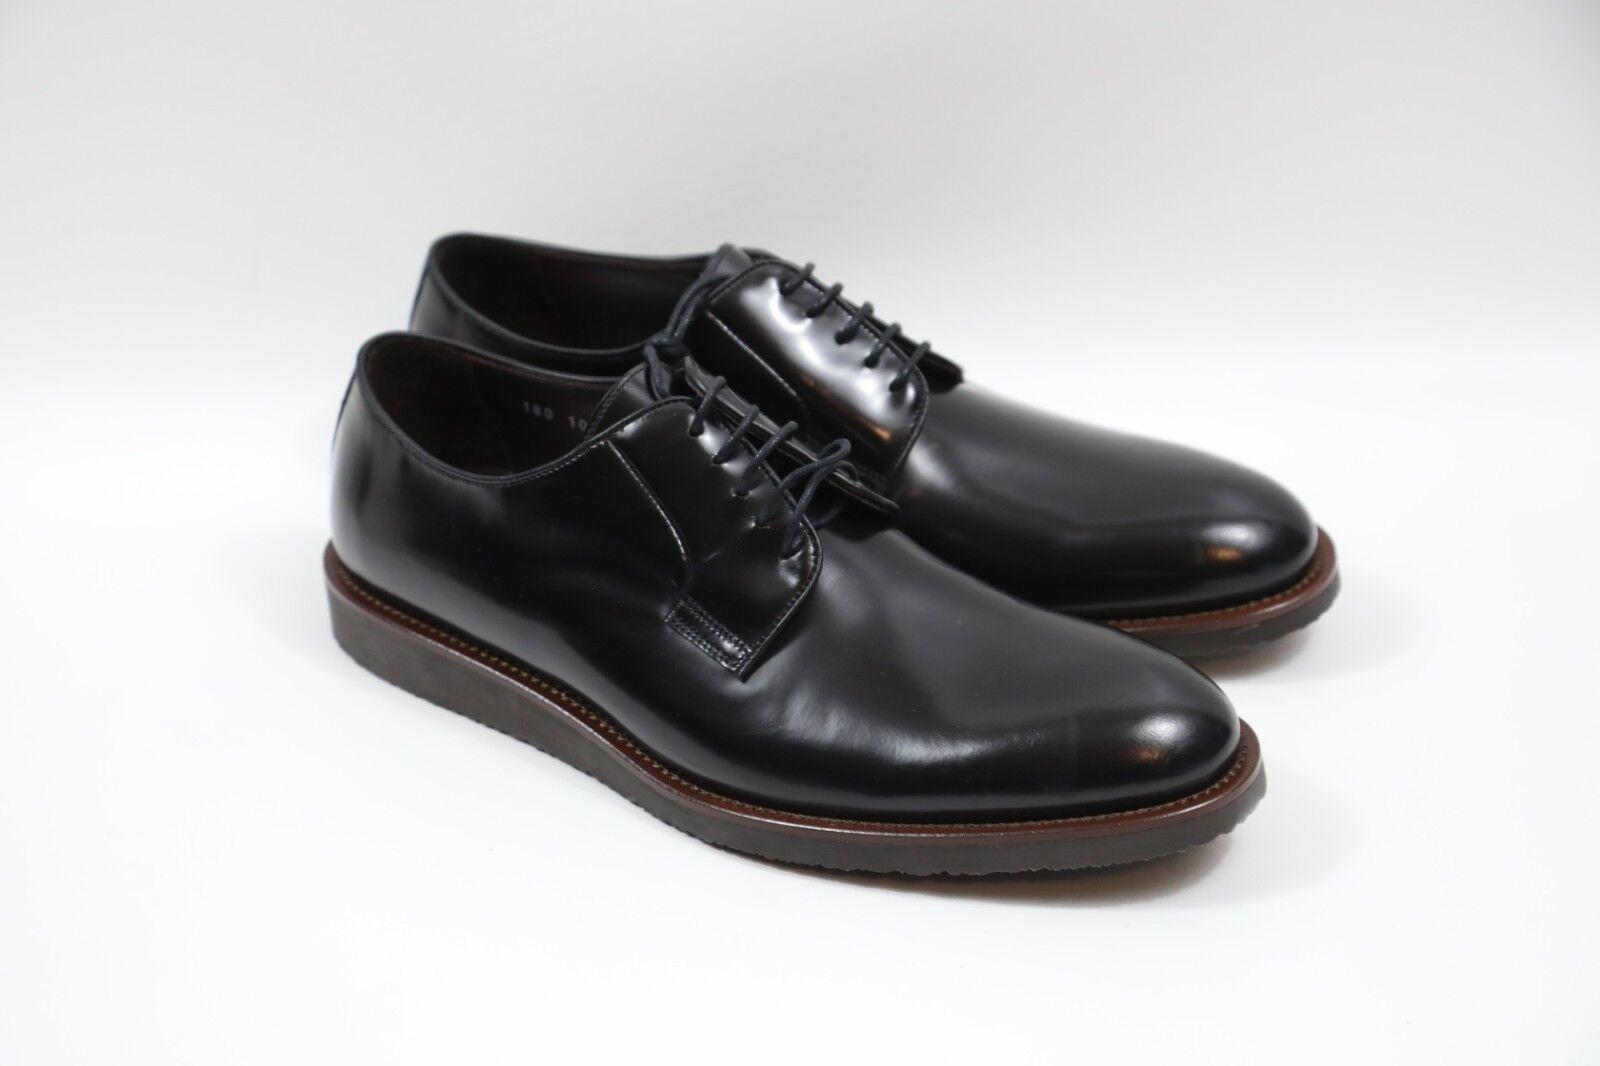 300 To avvio New York nero Derby Oxford scarpe scarpe scarpe Dimensione 10 52f85e